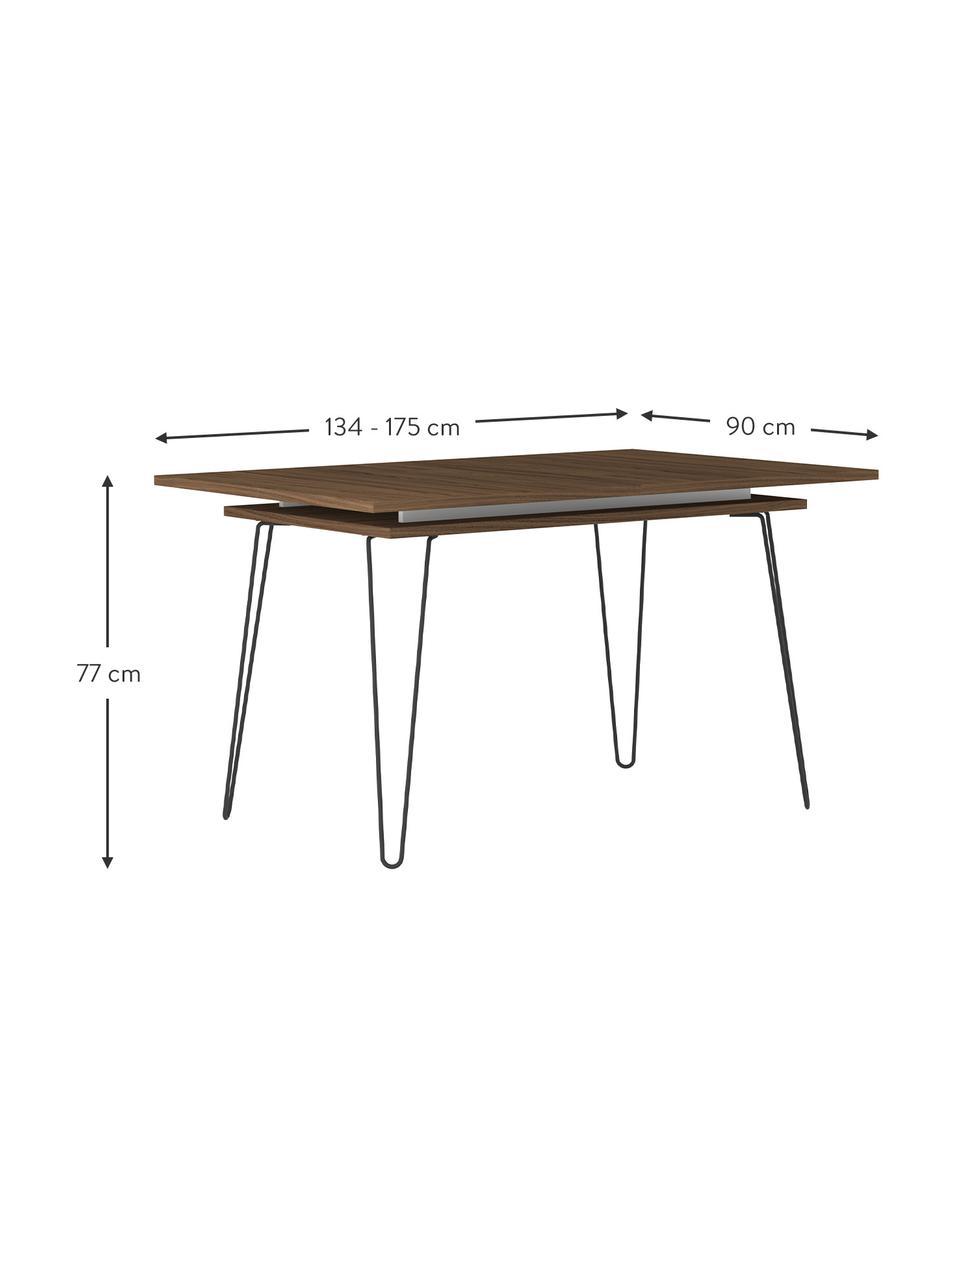 Uittrekbare eettafel Aero, Poten: gelakt metaal, Walnoothout, B 134-174 x D 90 cm